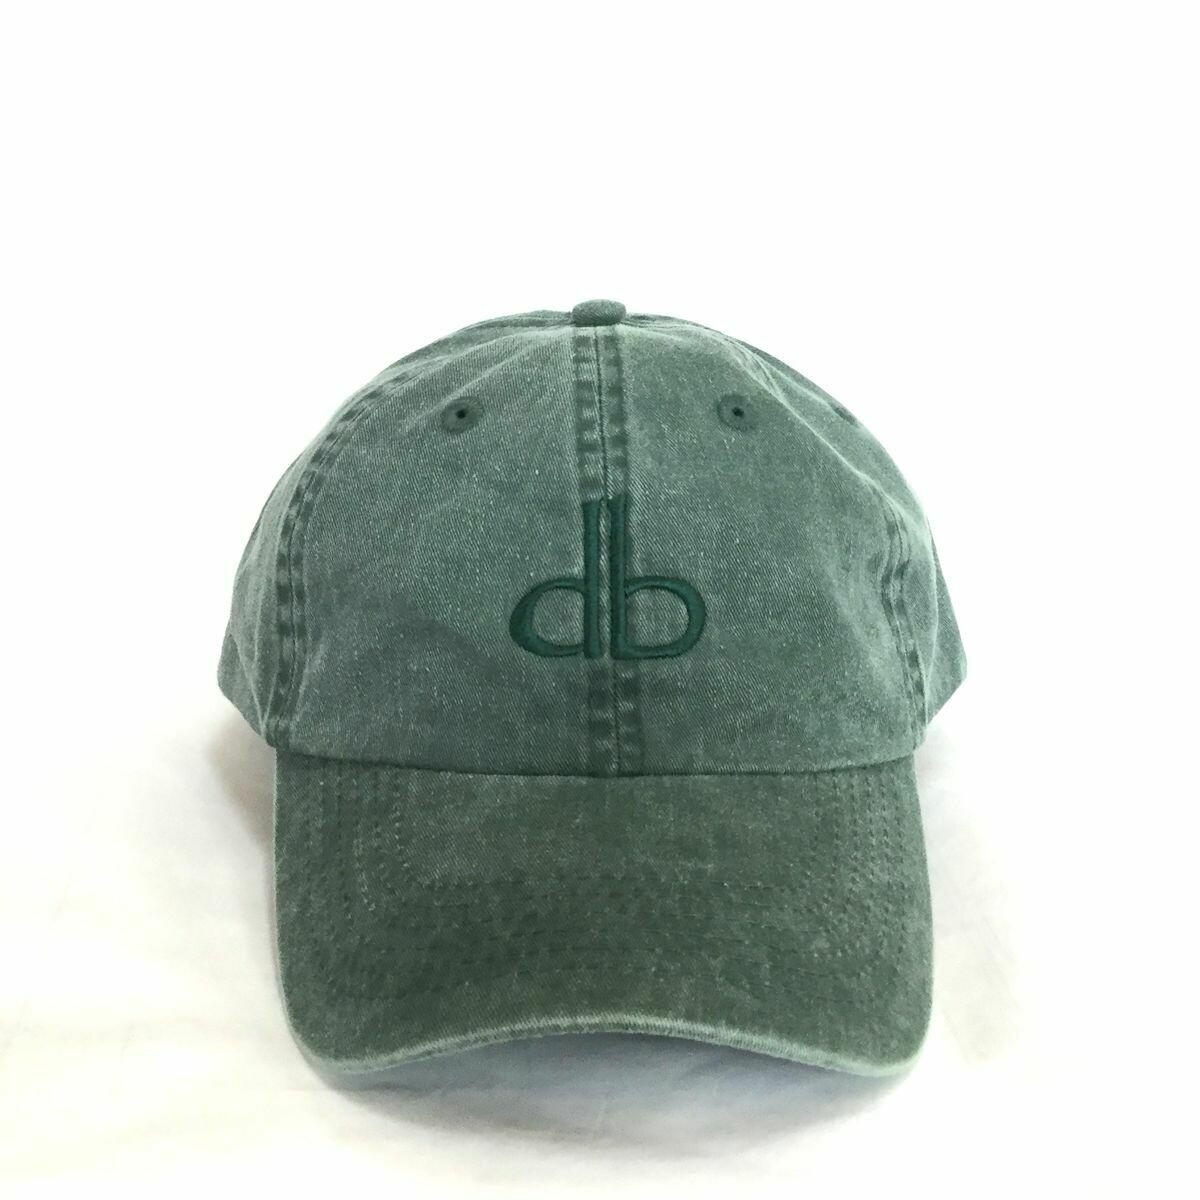 db Baseball Cap